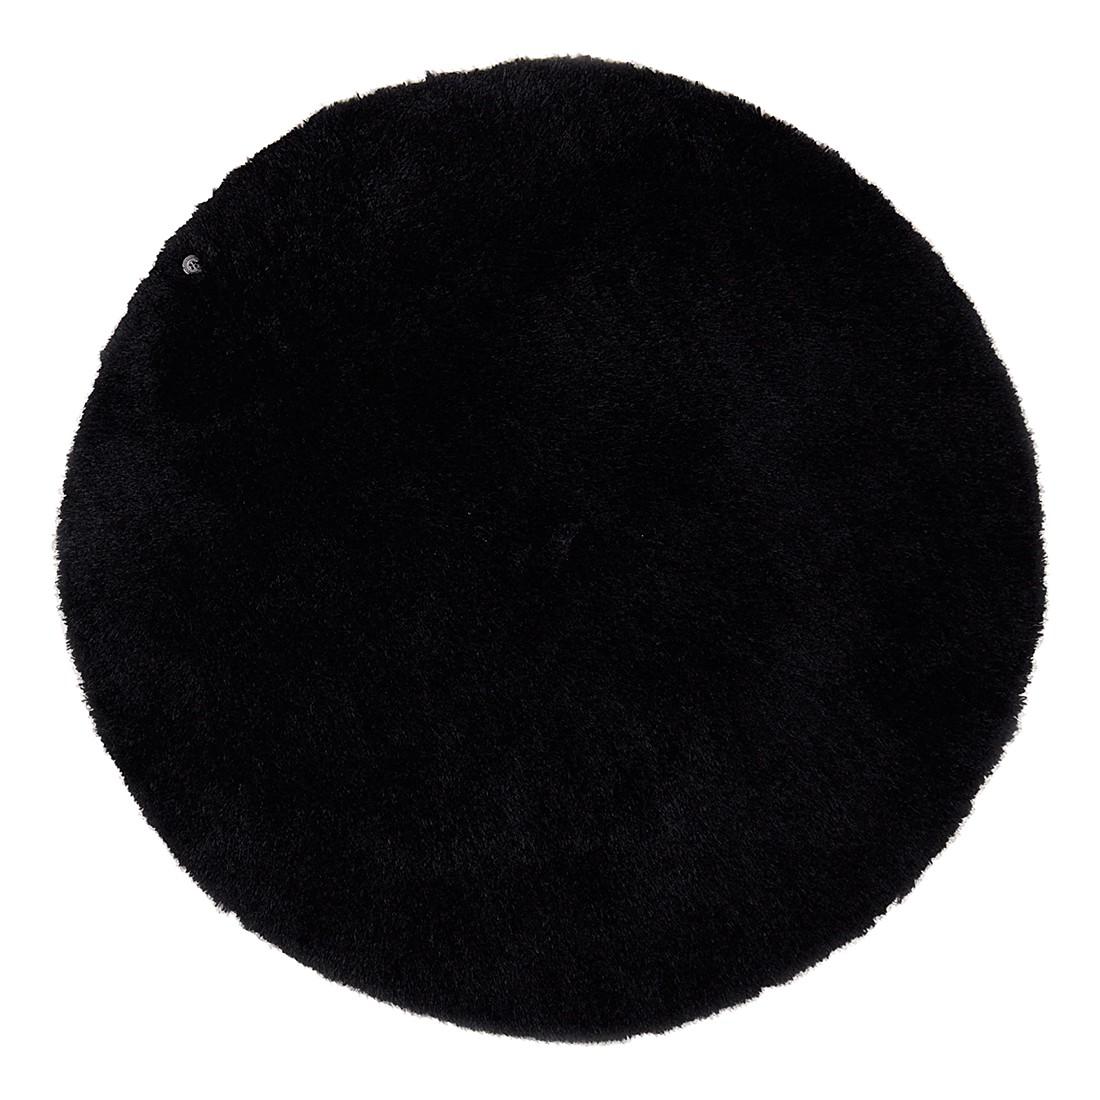 Teppich Soft Round – Schwarz – Maße: 140 x 140 cm, Tom Tailor günstig kaufen